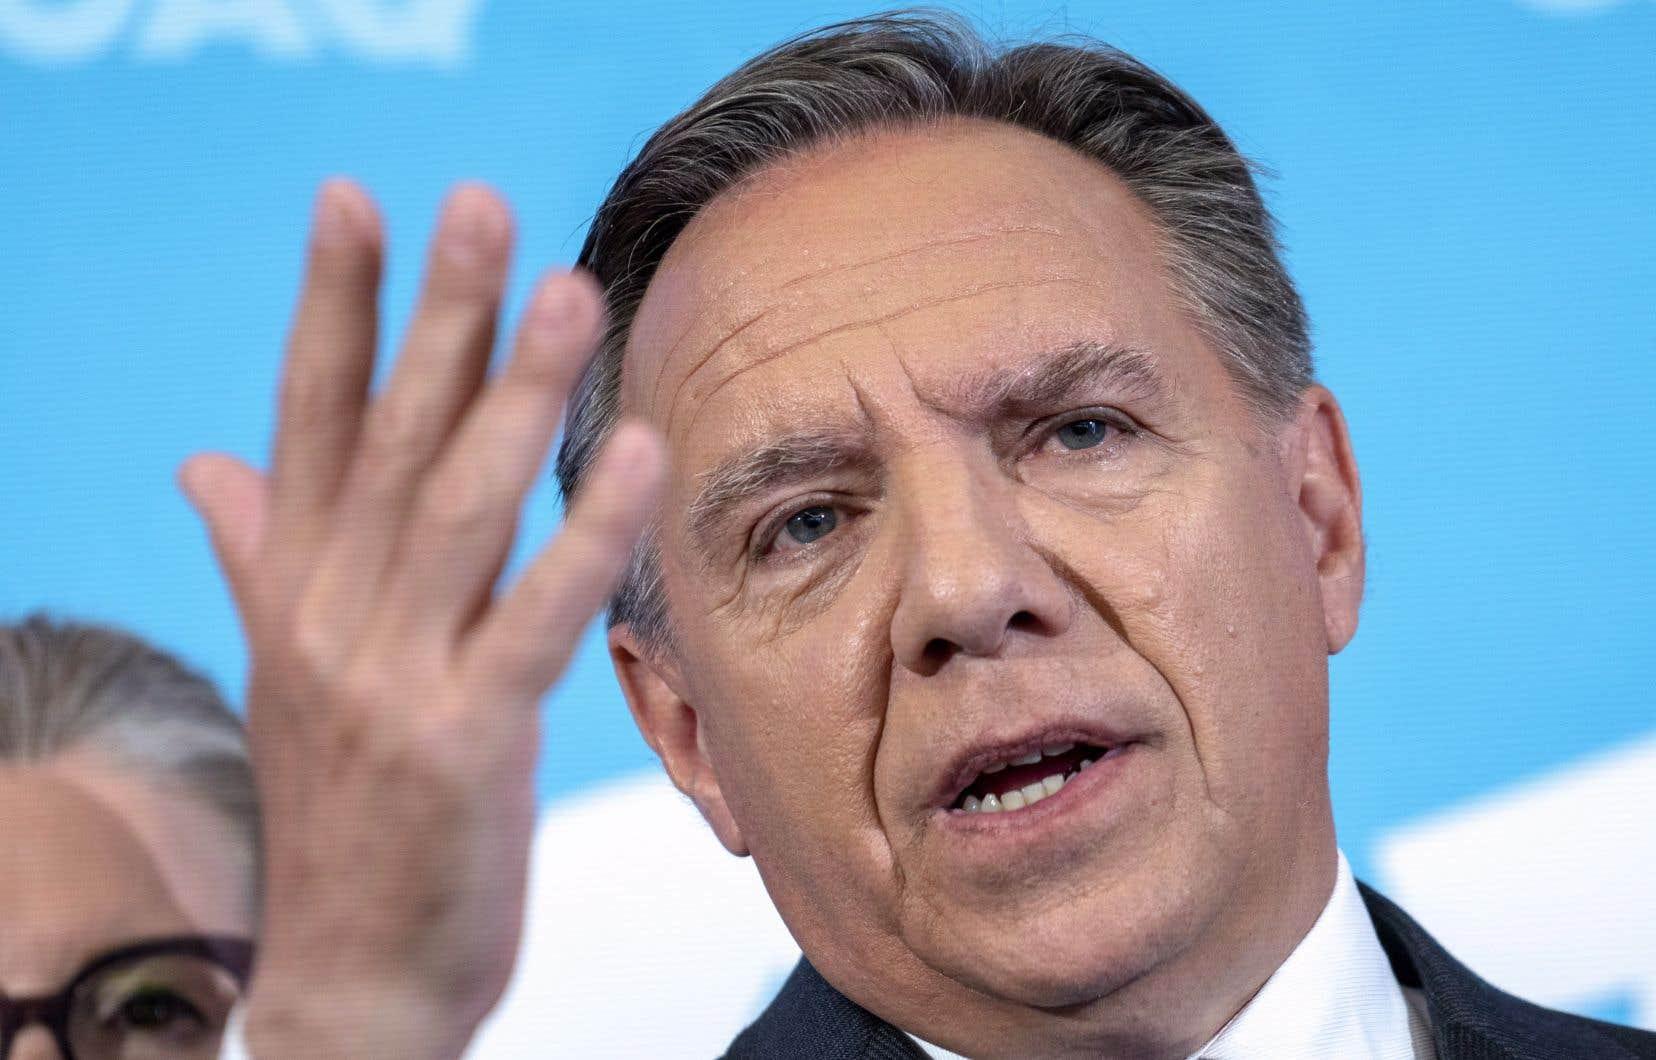 L'opération s'inscrivait dans le fil narratif d'une campagne où François Legault met en avant la nécessité pour le Québec de réduire de près de 23% le nombre d'immigrants accueillis au Québec dès 2019.